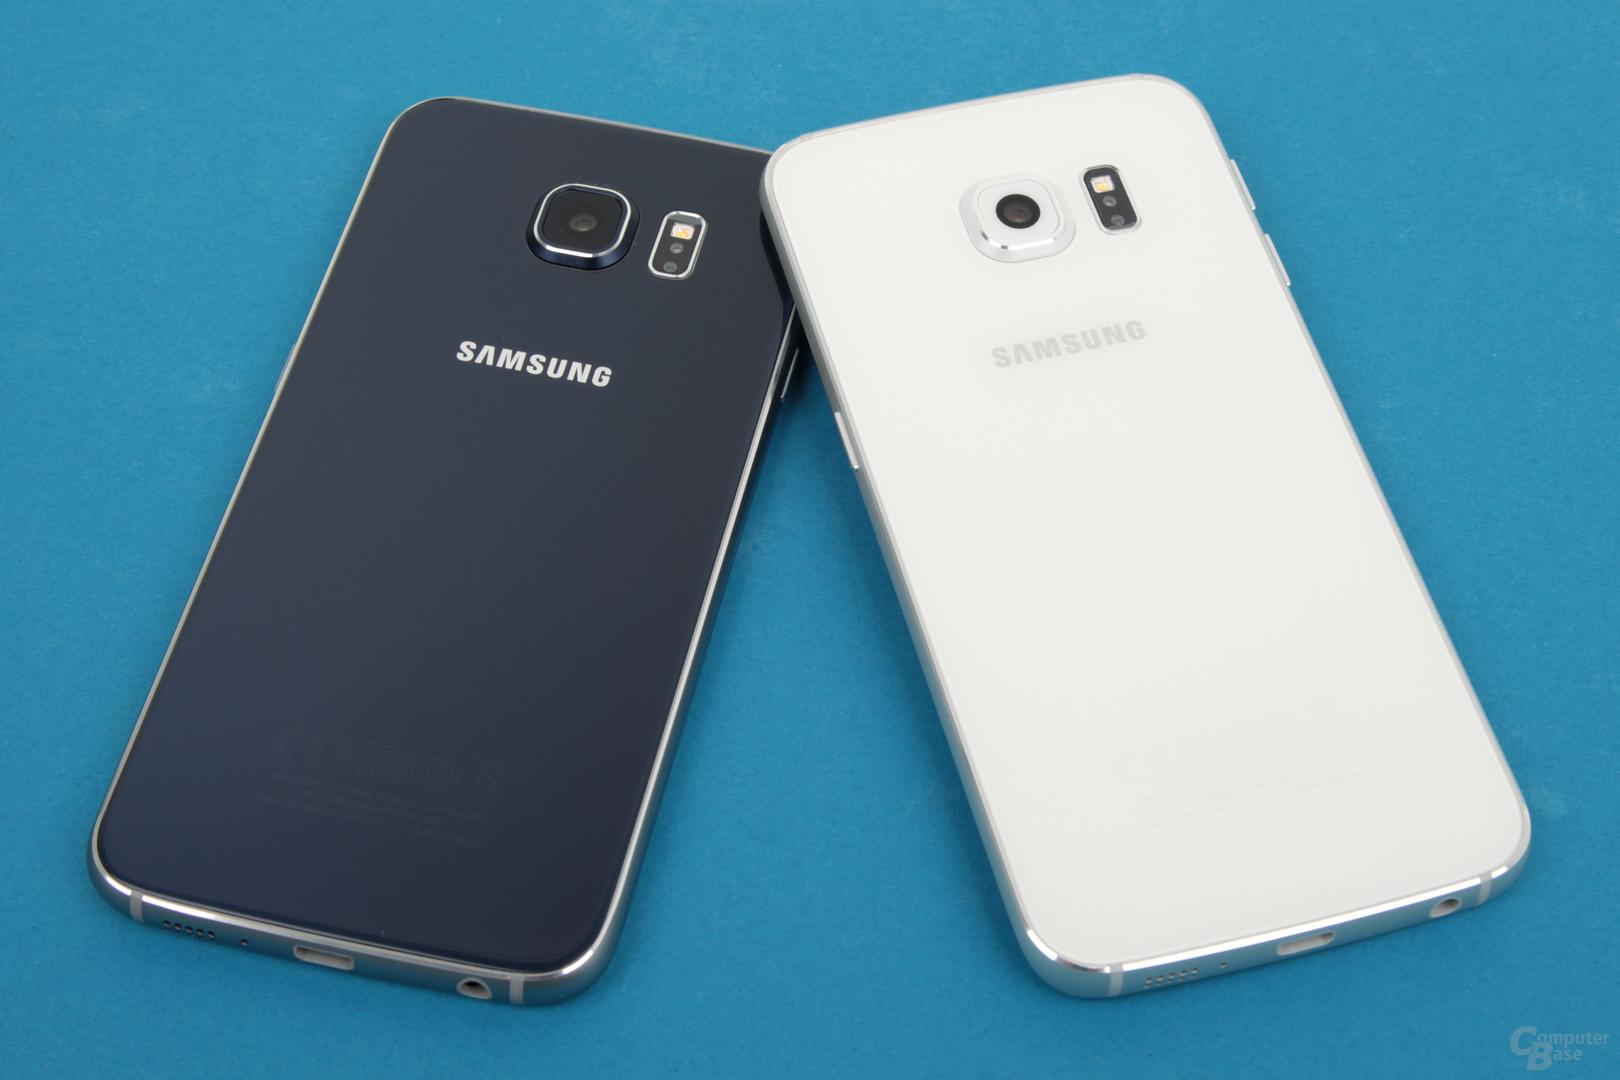 Gleiche Rückseite bei Galaxy S6 und Galaxy S6 edge